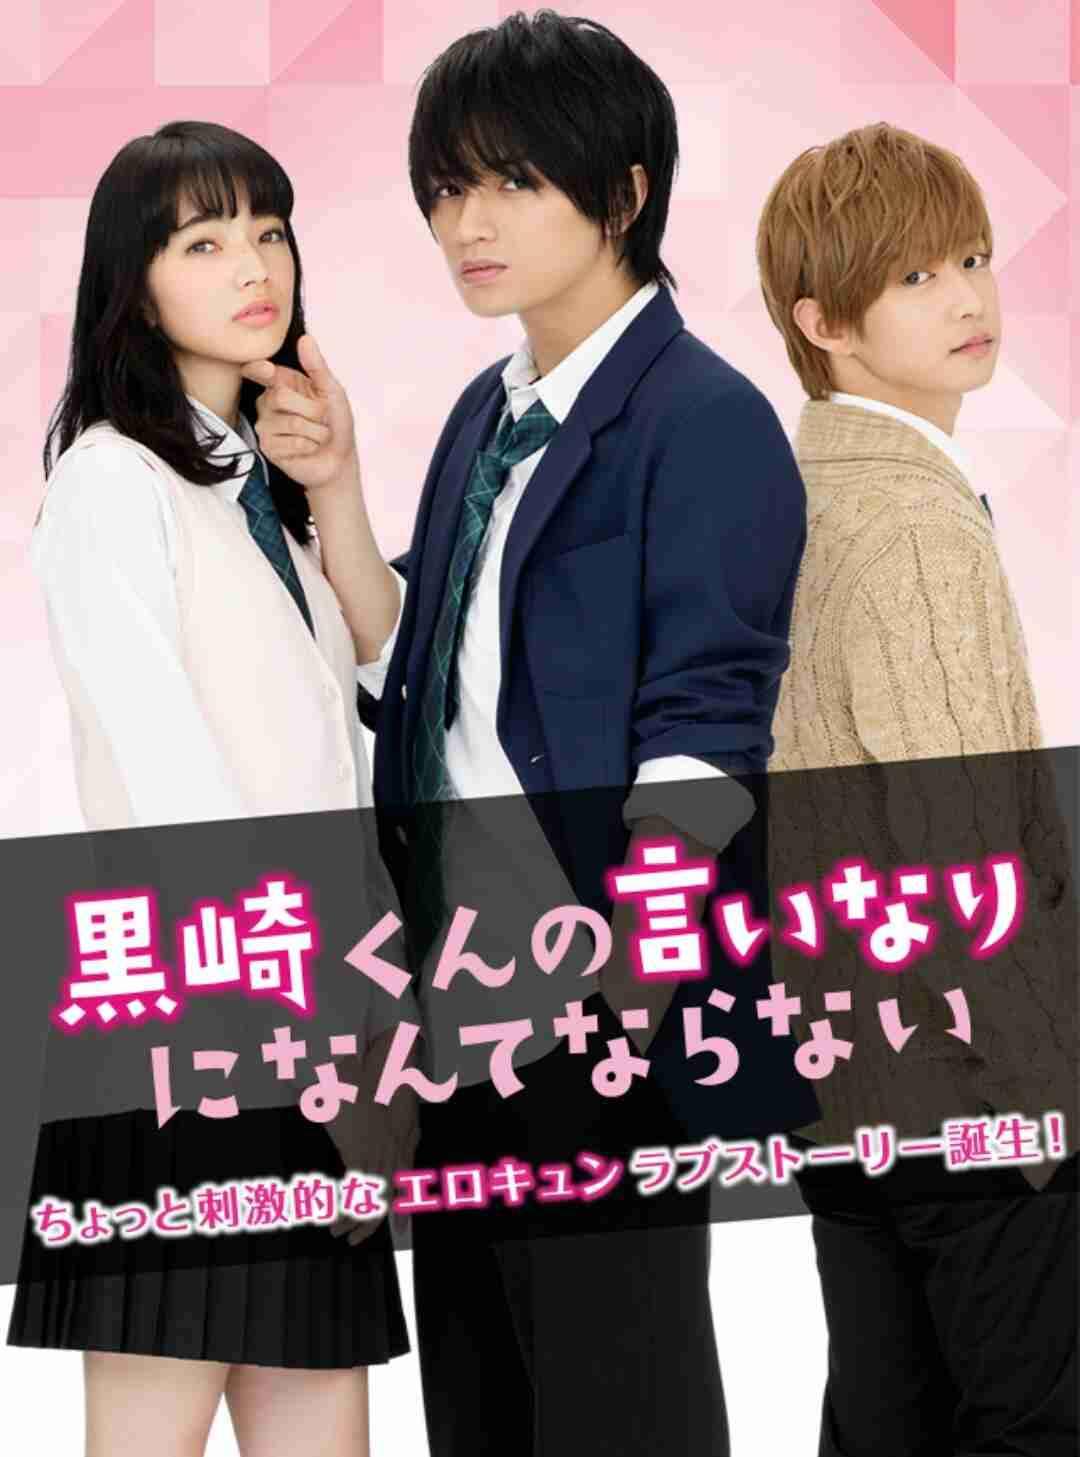 千葉雄大、アイドル顔負け対応で山田涼介を圧倒 ぱっつん前髪で登場